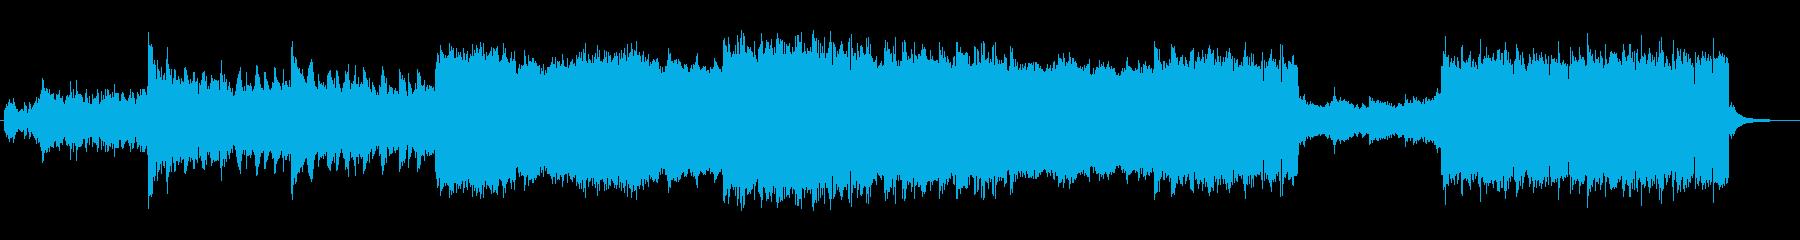 宇宙イメージのミッドテンポなEDMの再生済みの波形